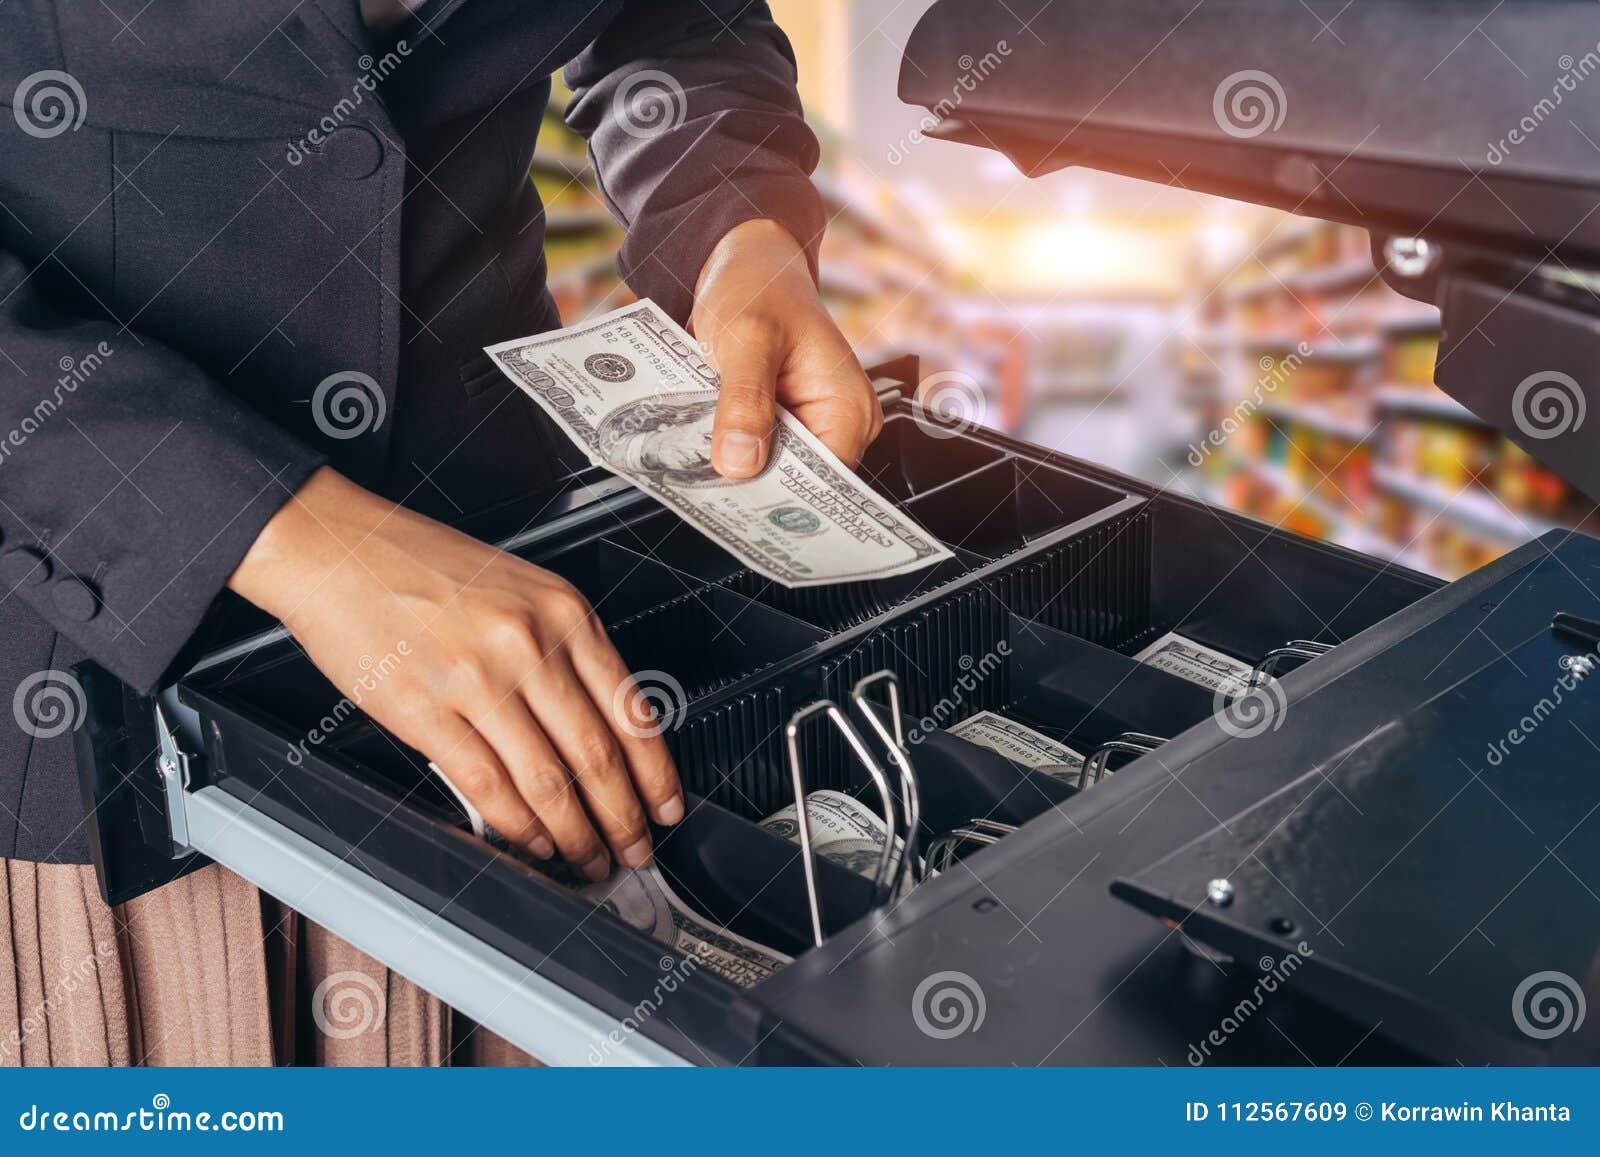 Den kvinnliga handen med pengar i supermarket shoppar amerikansk dollar US dollar